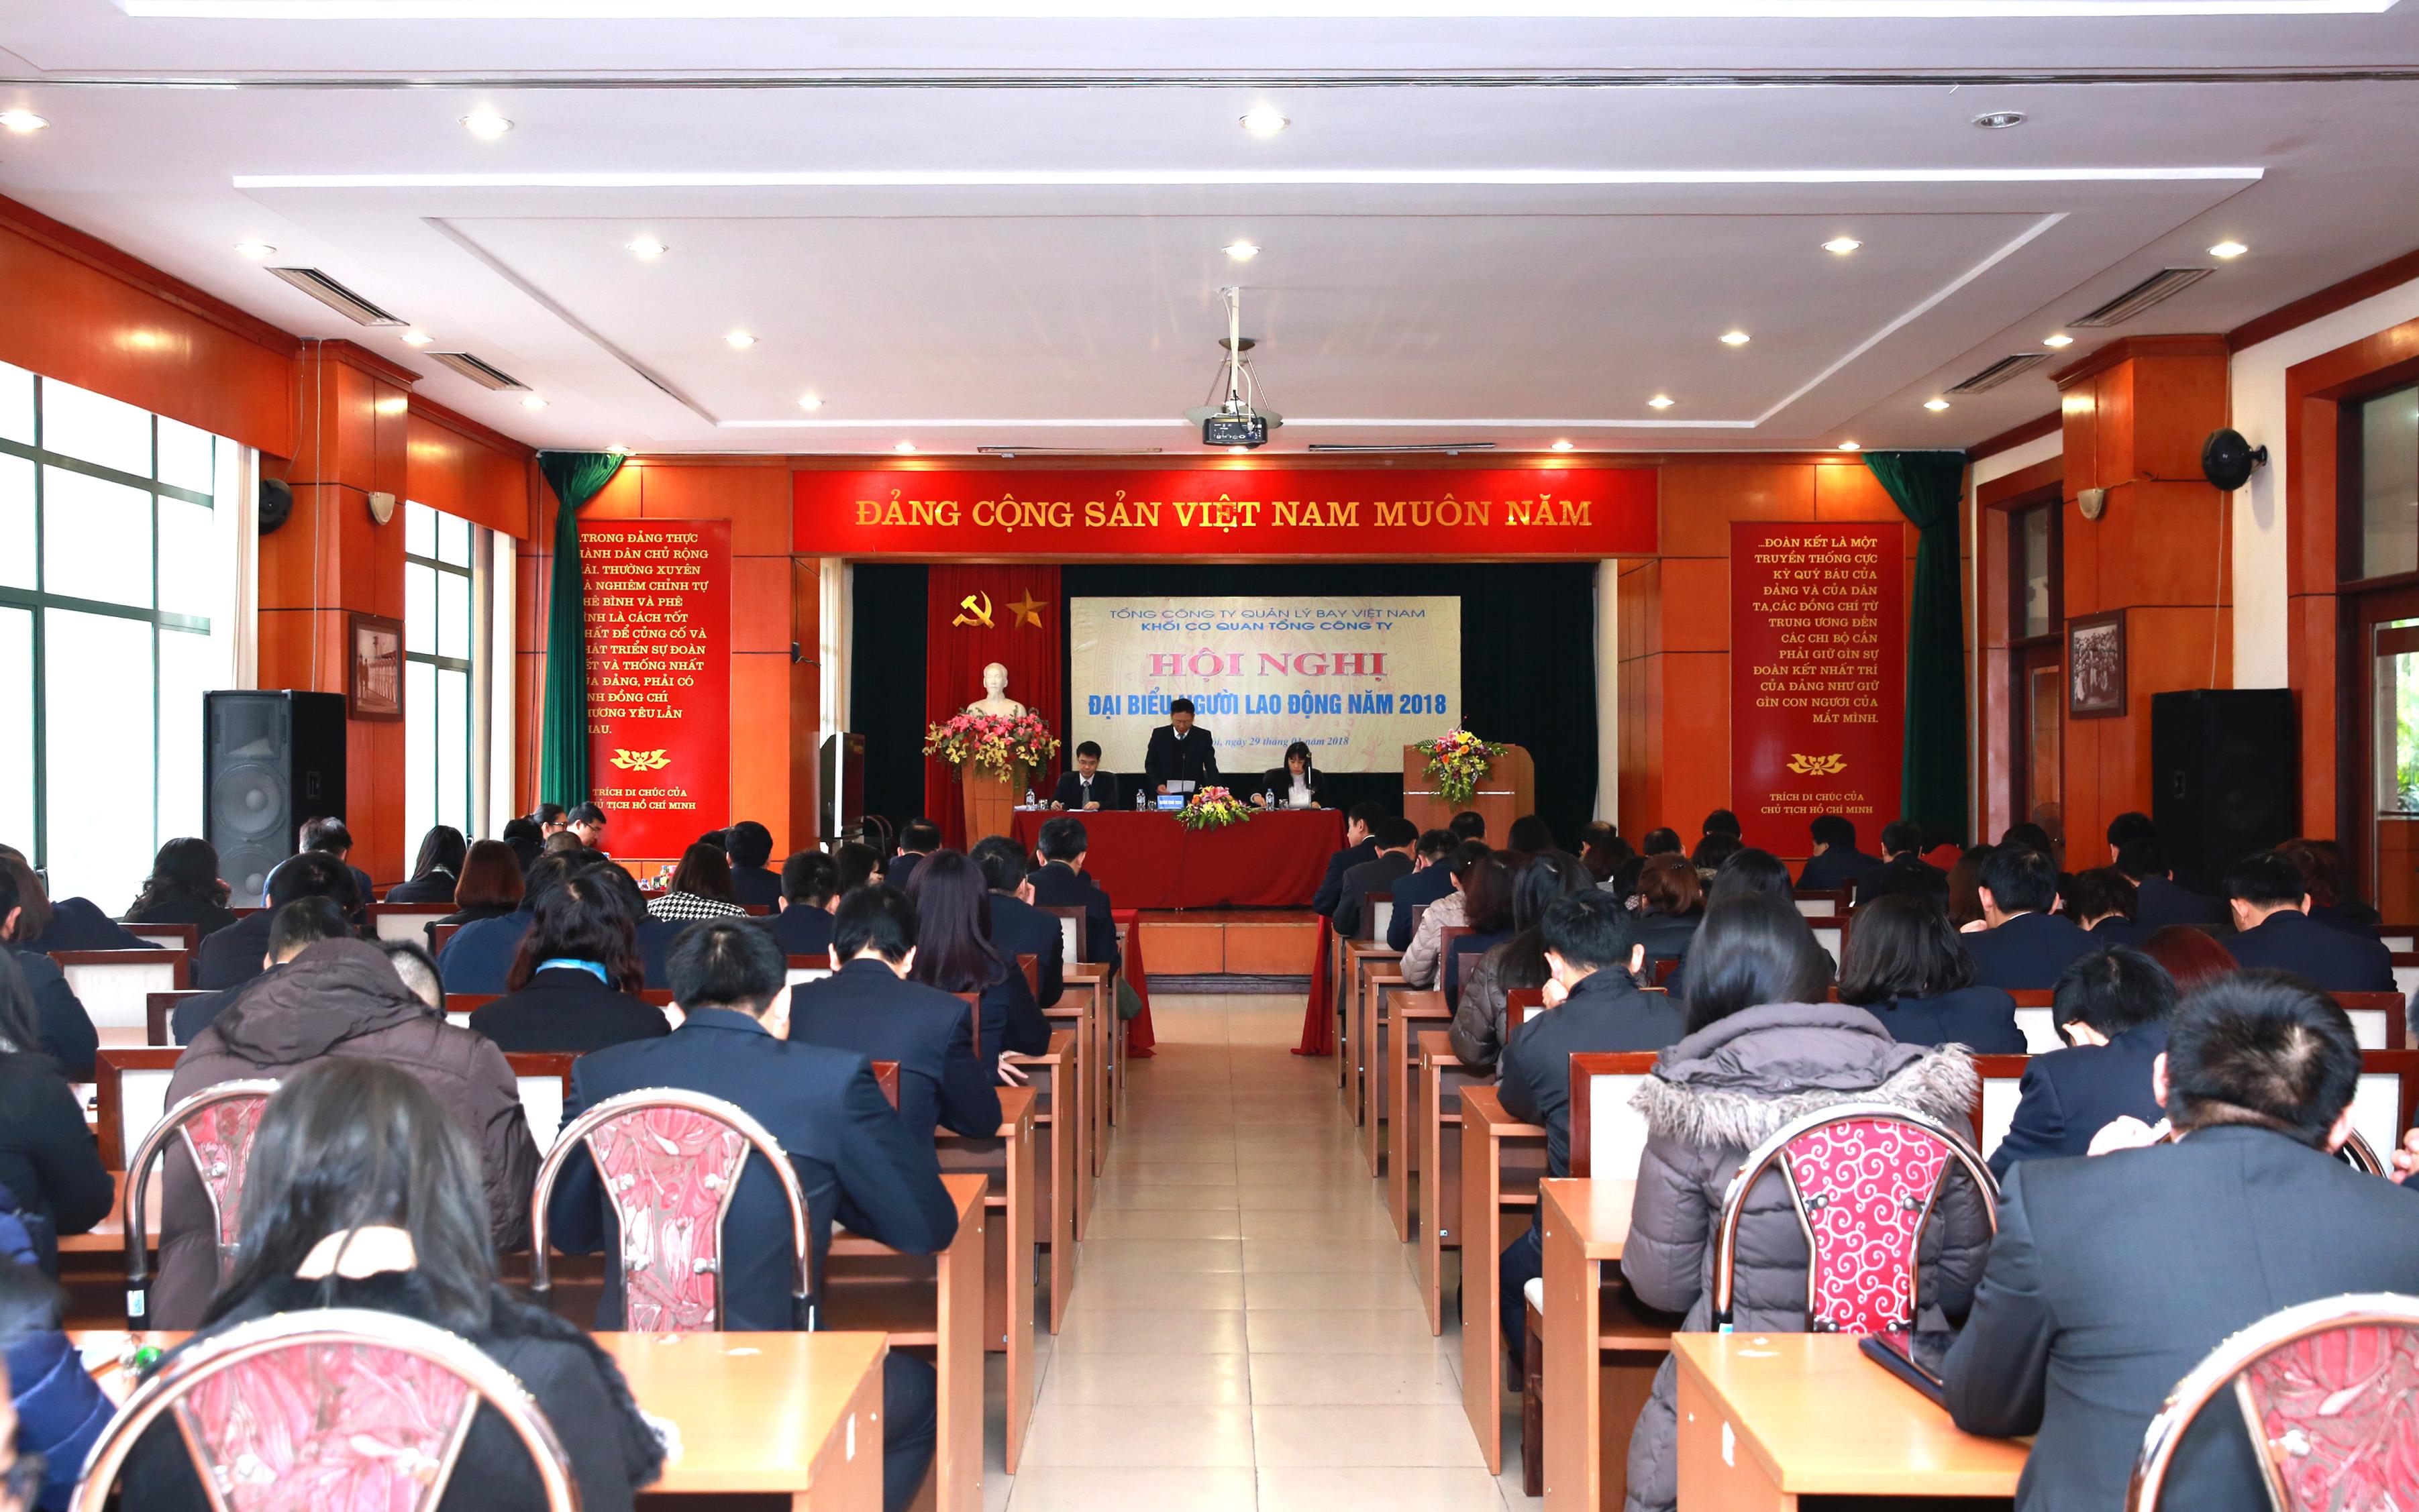 Hội nghị đại biểu Người lao động Khối Cơ quan Tổng công ty năm 2018